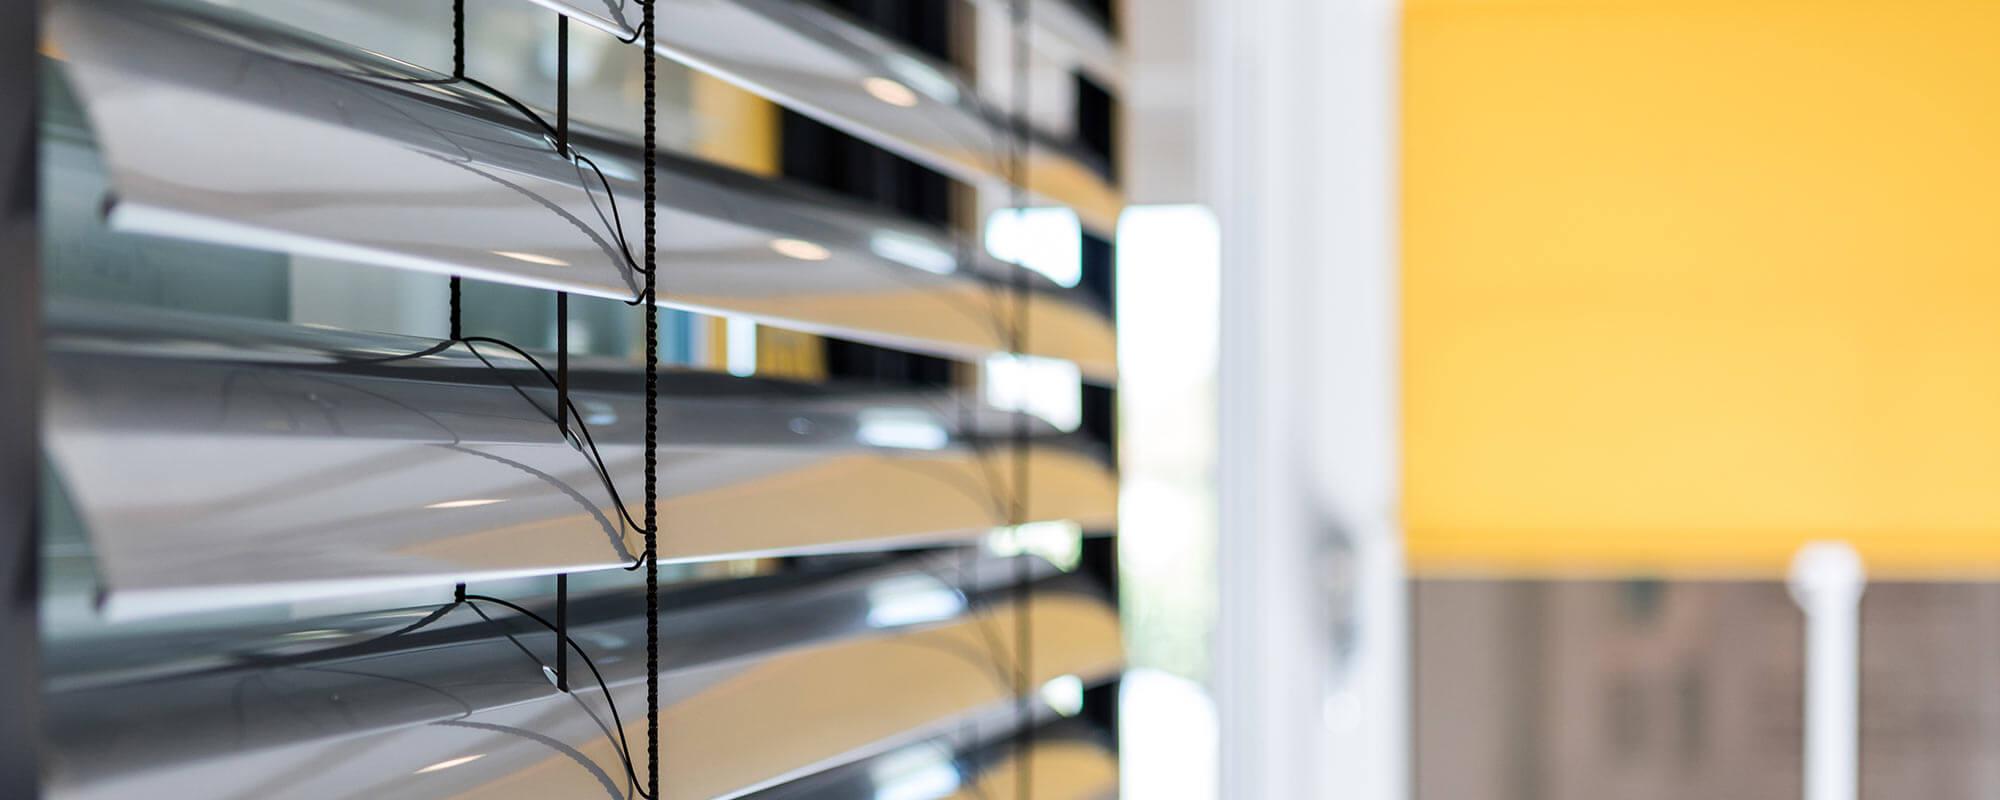 Full Size of Fenster Türen Hunger Tren Stores Weru Schüco Online Pvc Fliegengitter Insektenschutz Rolladen Insektenschutzrollo Kaufen In Polen Alarmanlagen Für Und Fenster Fenster Türen